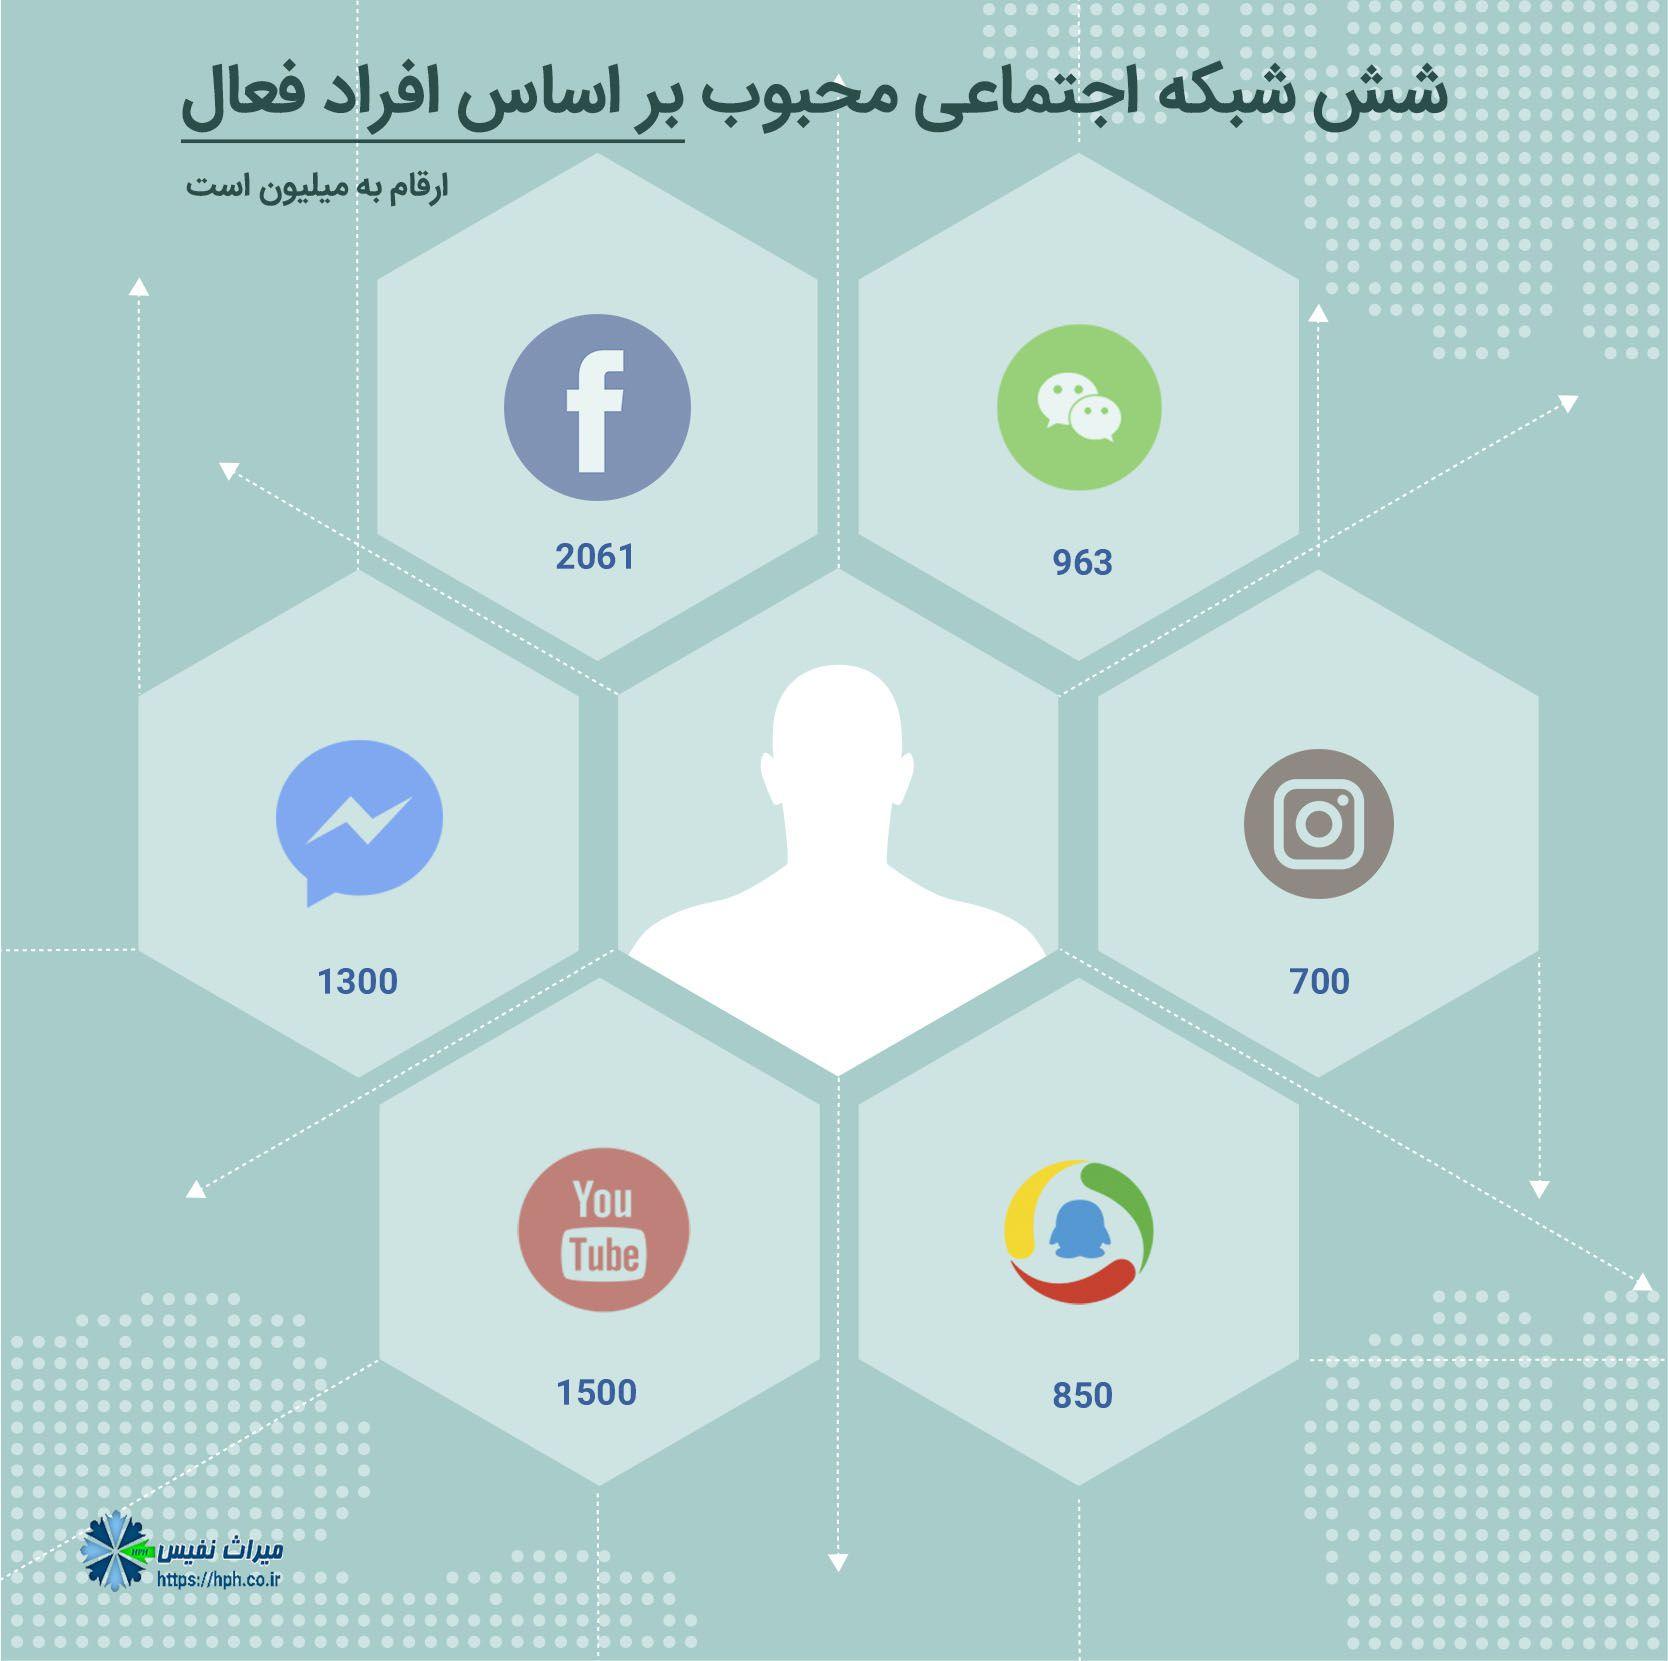 محبوب ترین شبکه های اجتماعی 2017